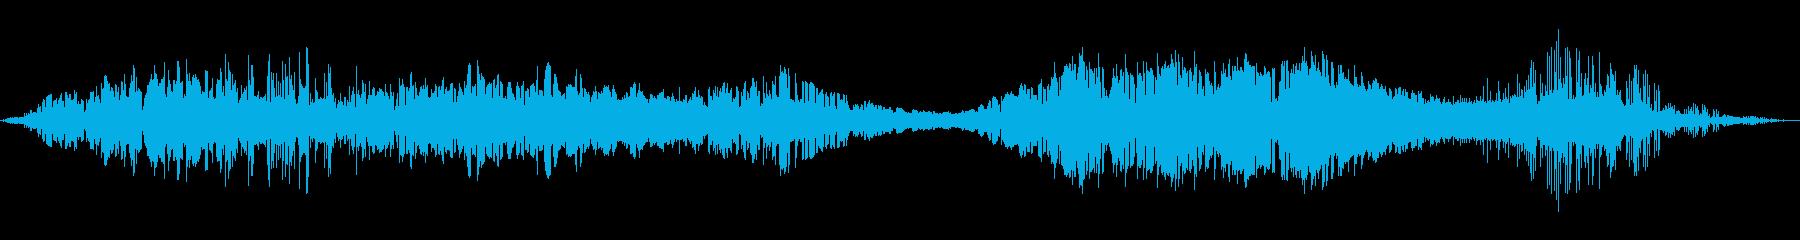 遅延バブル巻き上げ波形、通信宇宙遠隔測定の再生済みの波形